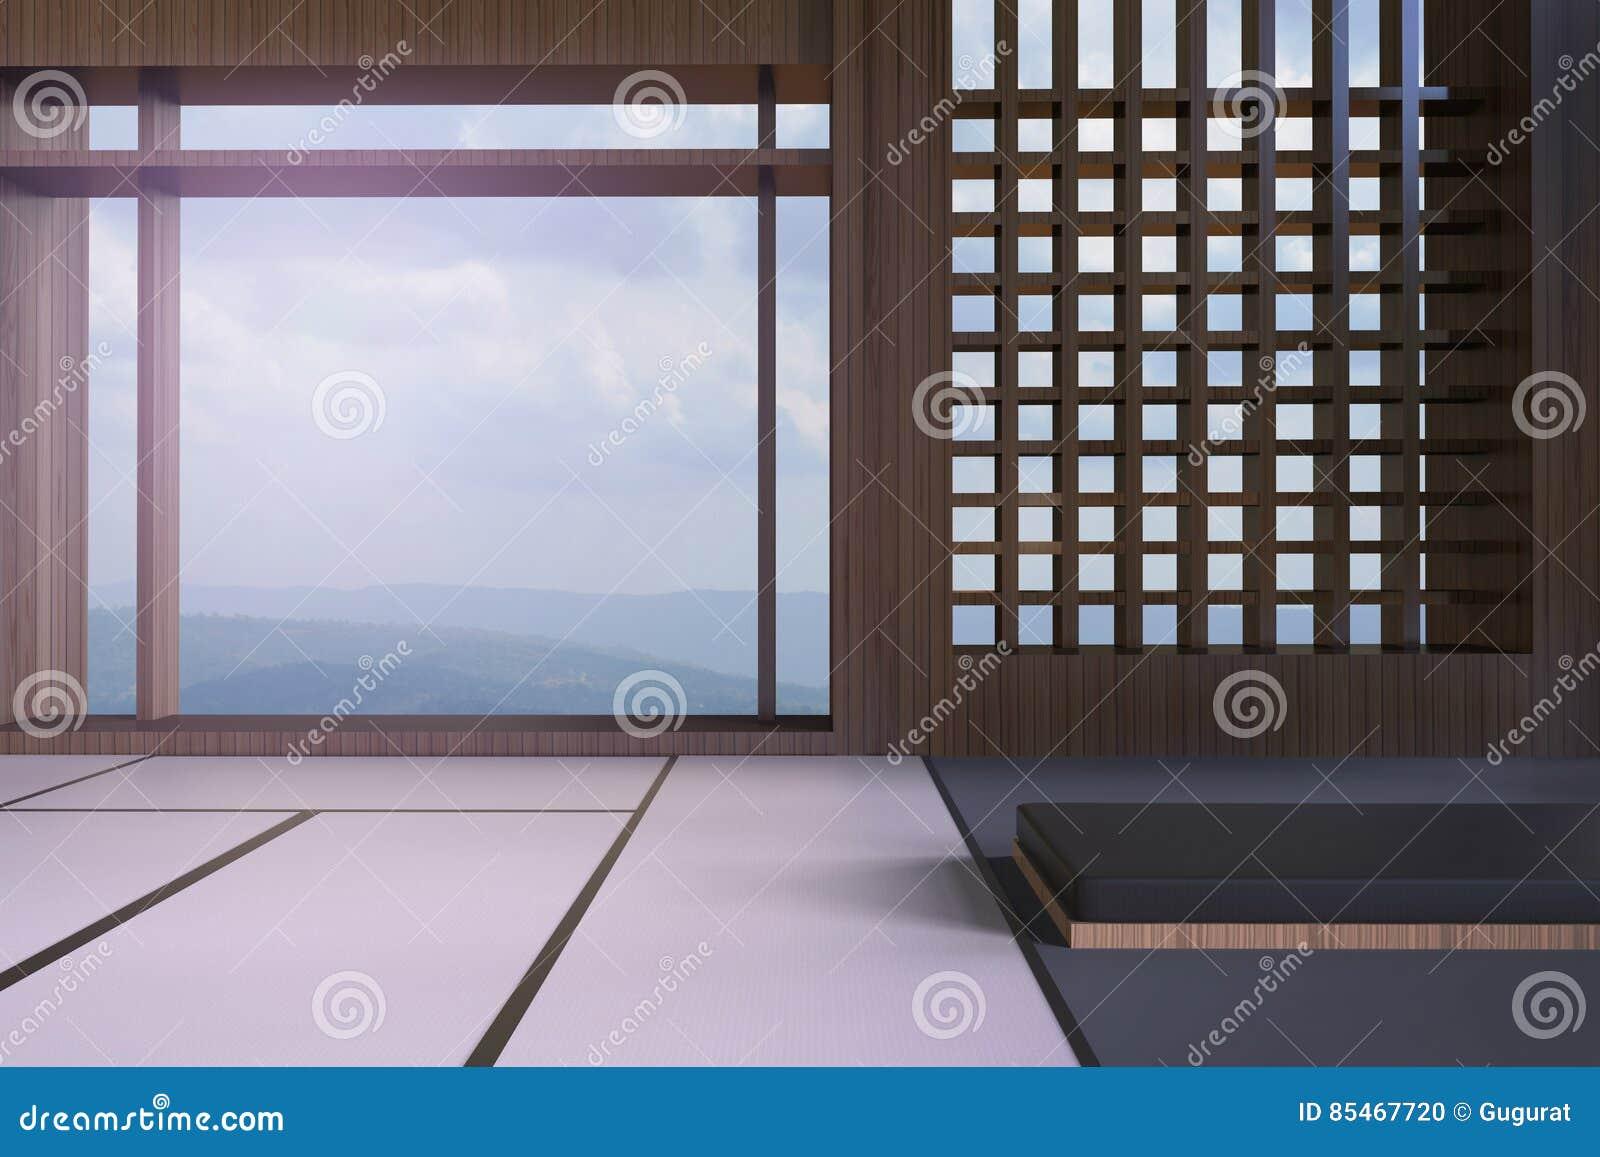 Einfache Moderne Japanische Wohnzimmer- Und Fensteransichten Der ...